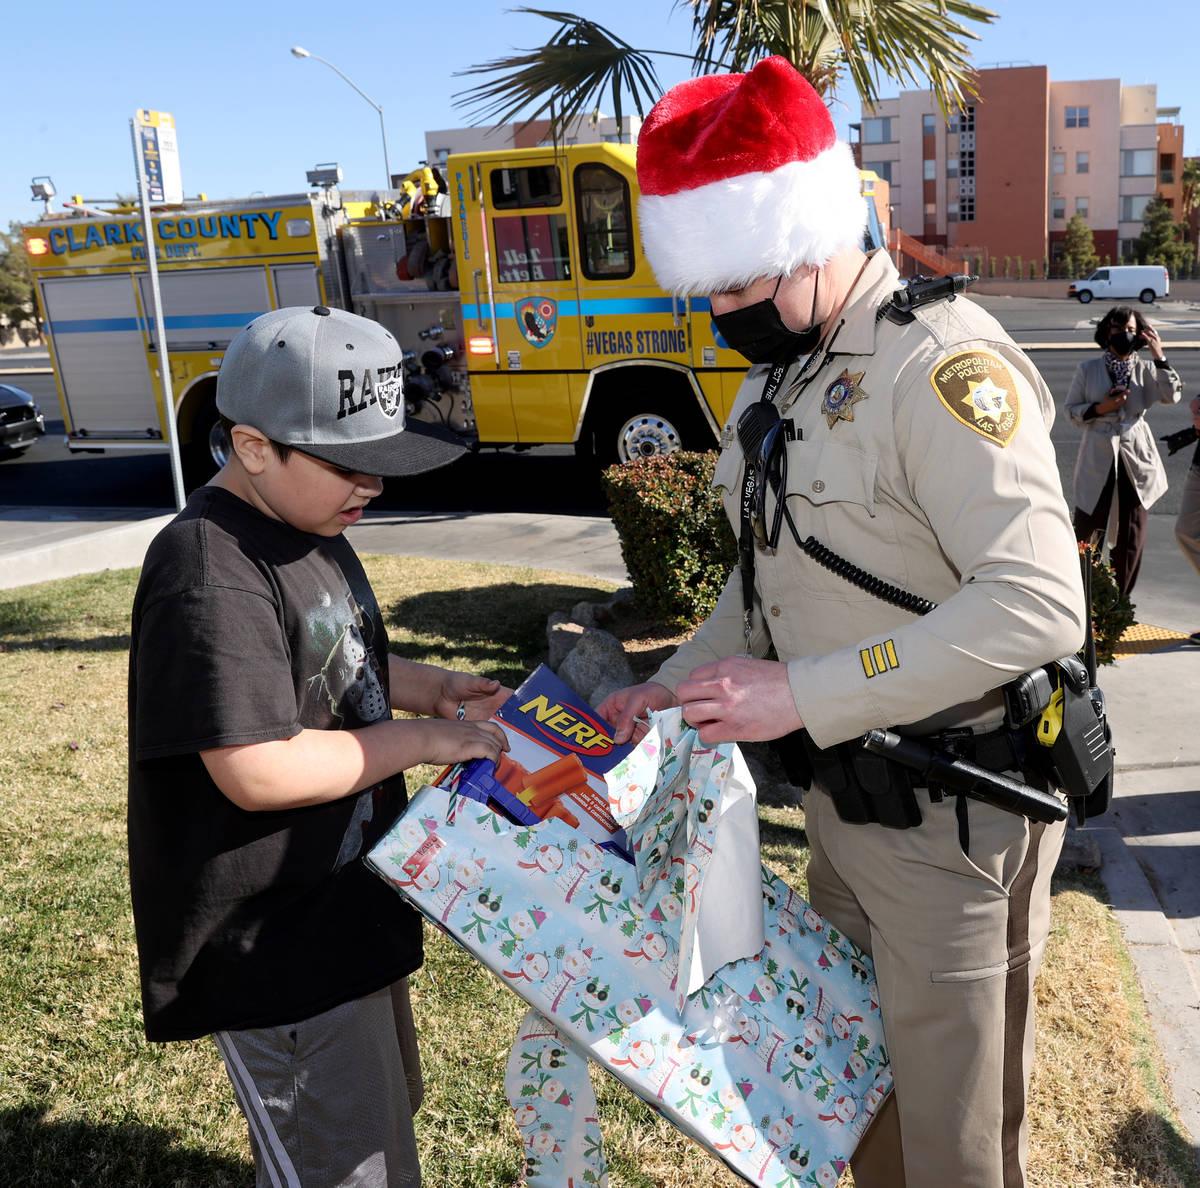 Josh Irwin ayuda a Kevin Salazar, de ocho años, a abrir un regalo durante la caravana de jugue ...